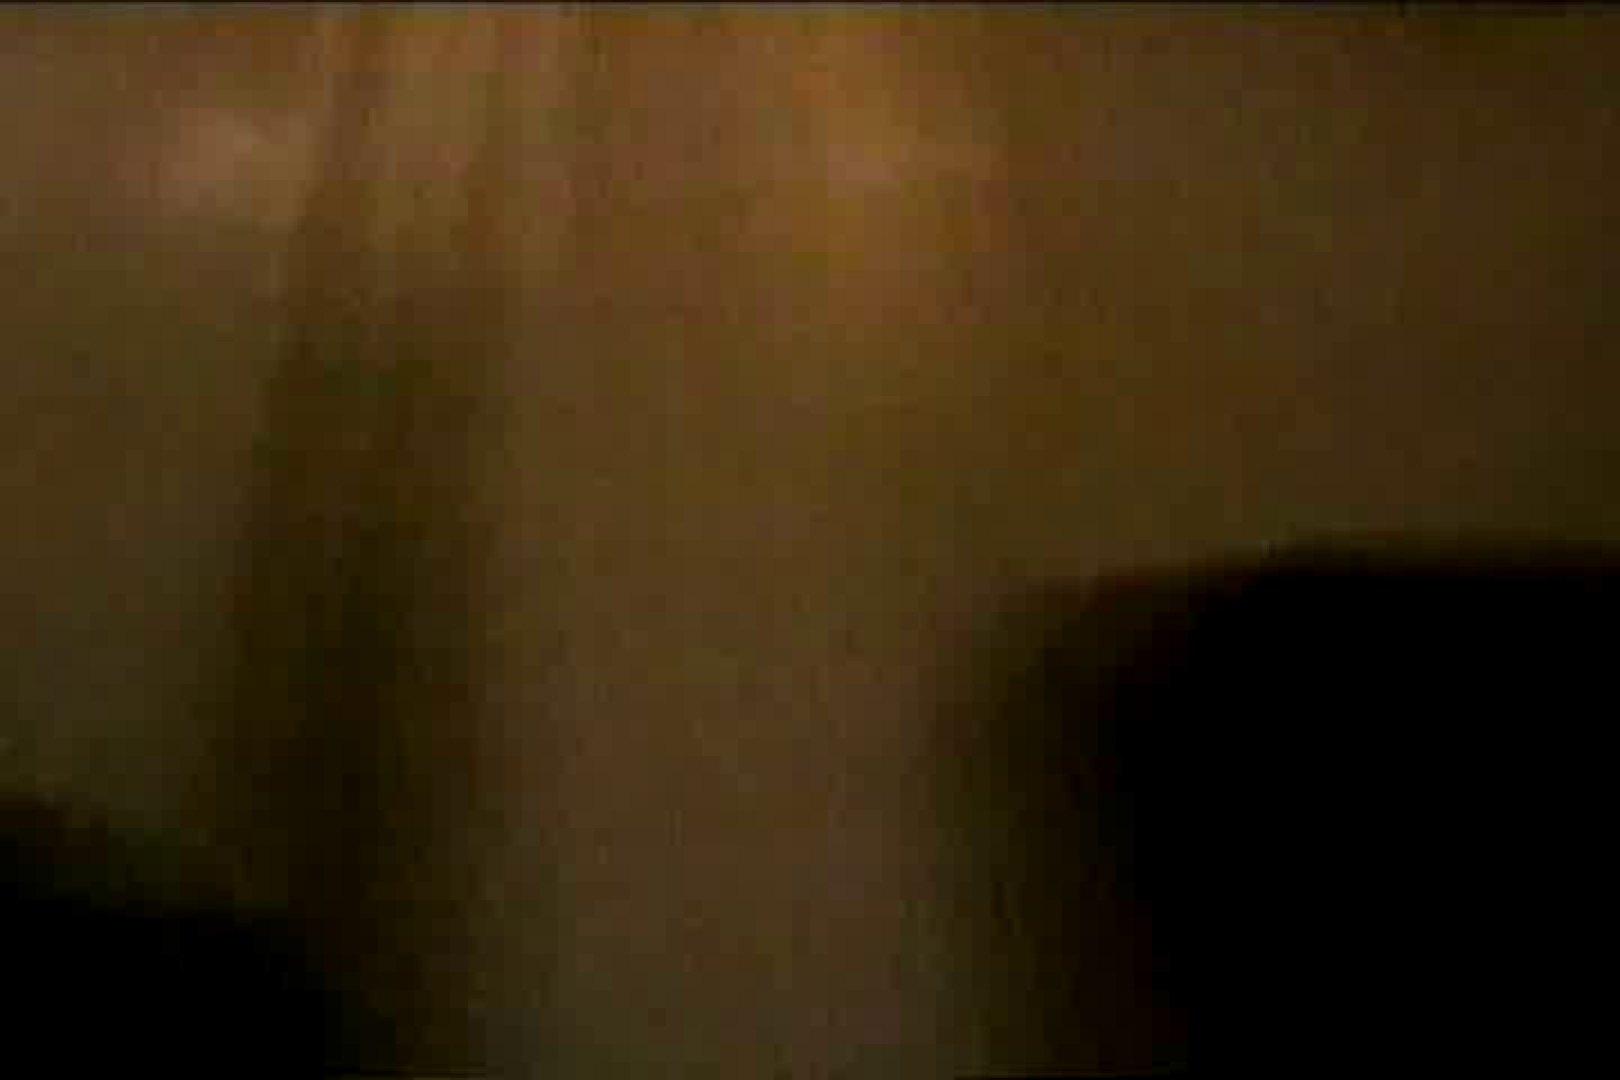 門外不出デパート洗面所 No.5 ギャルヌード のぞき動画画像 95画像 26